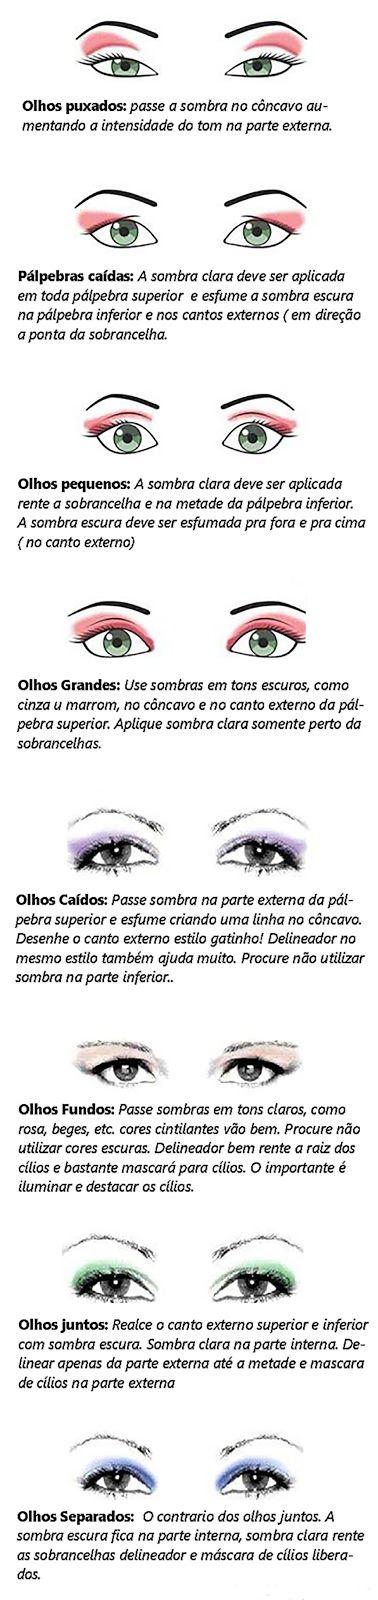 Algum Tempo Atrás   Moda, Maquiagem, Comportamento e mais: Dica de maquiagem para cada tipo de olho